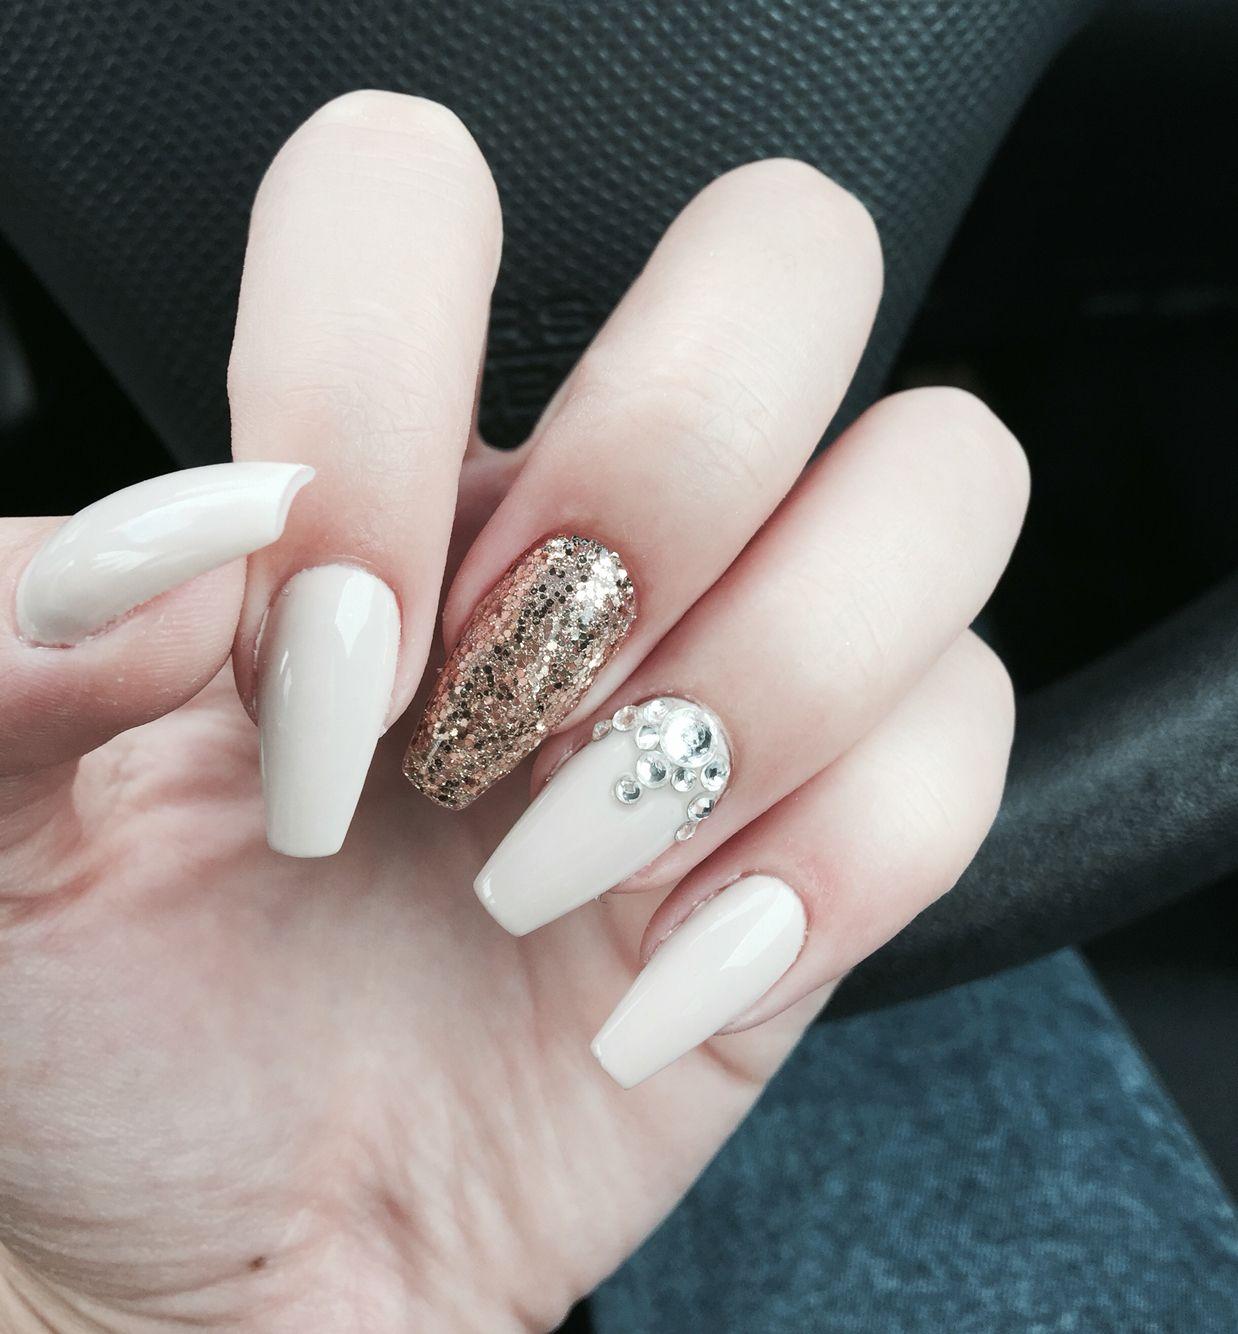 nail #nails #love #nailart #fashion #glitter #addict #gorgeous #art ...